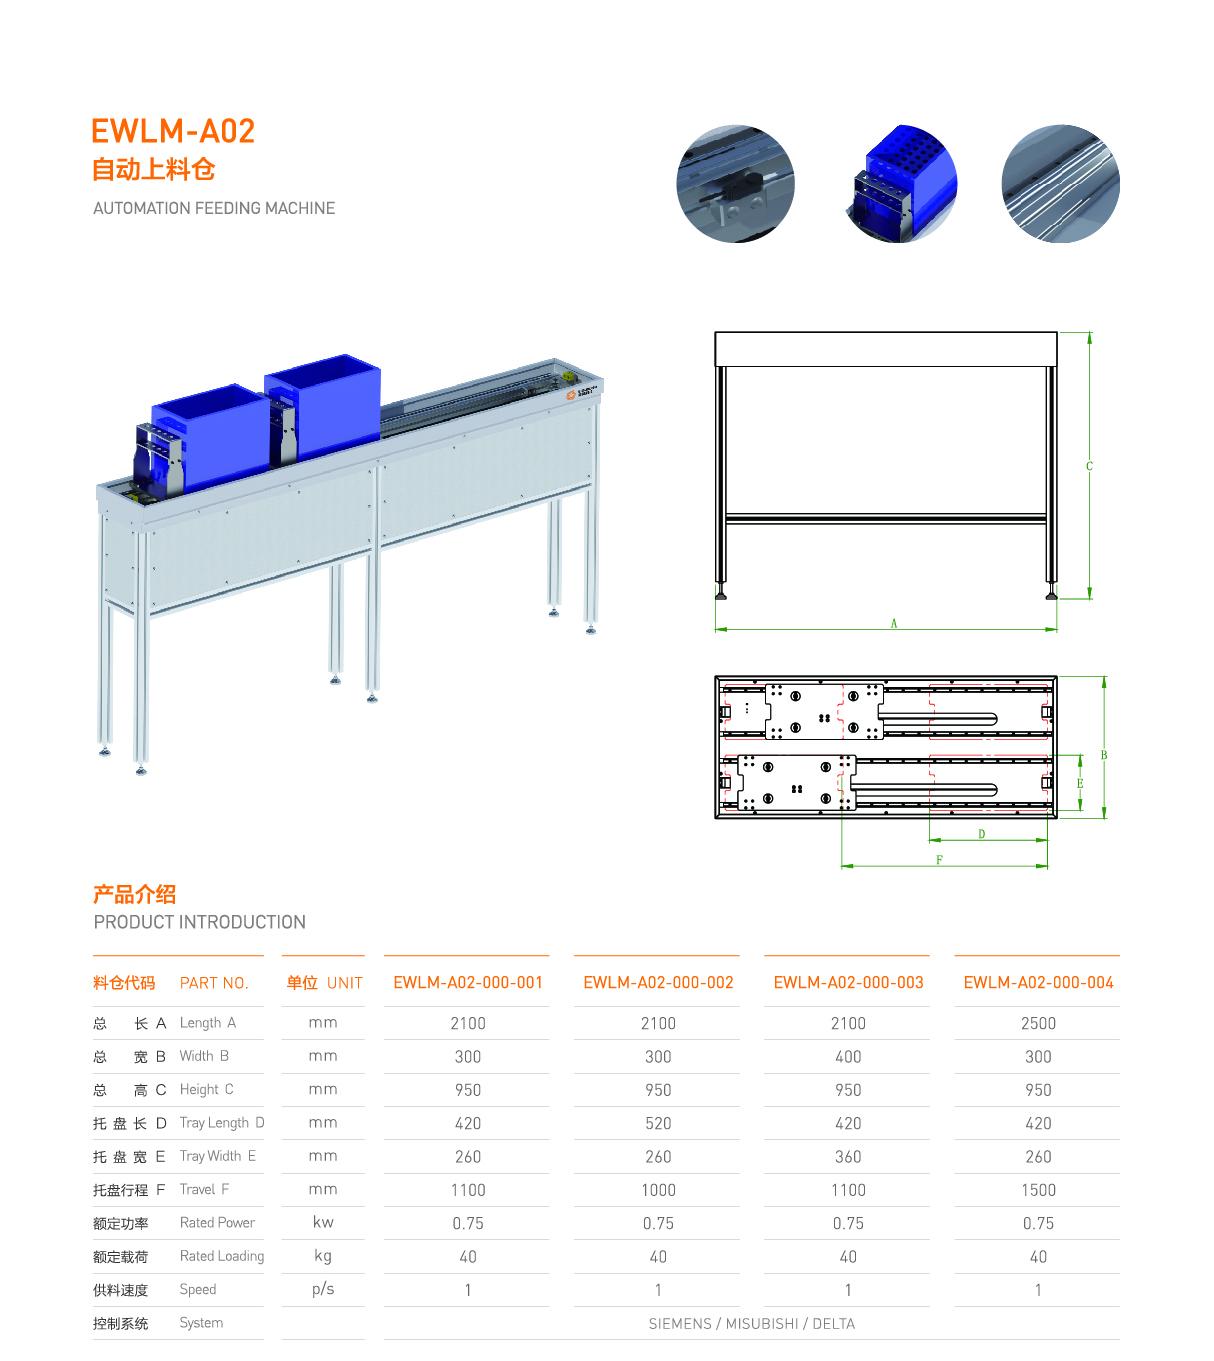 自动上料仓 EWLM-A02